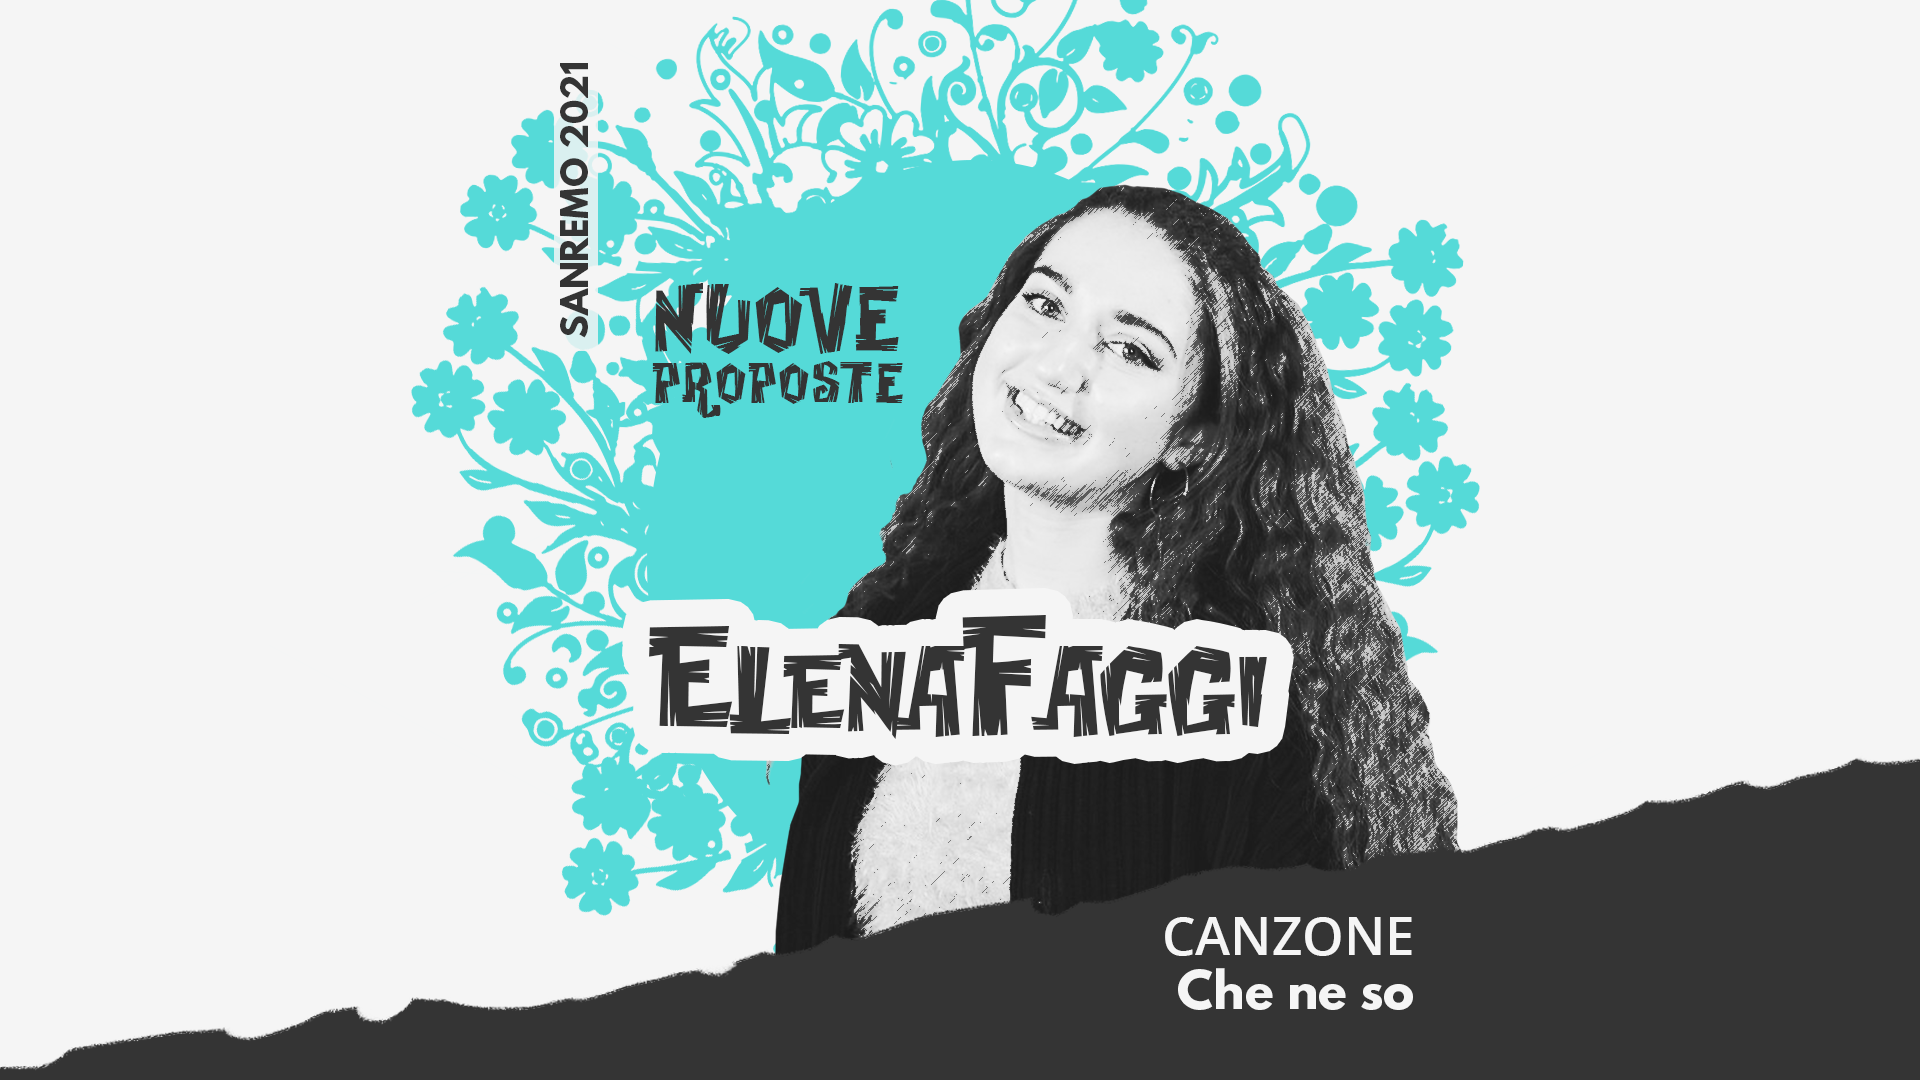 Sanremo 2021, Nuove proposte: Elena Faggi – Che ne so